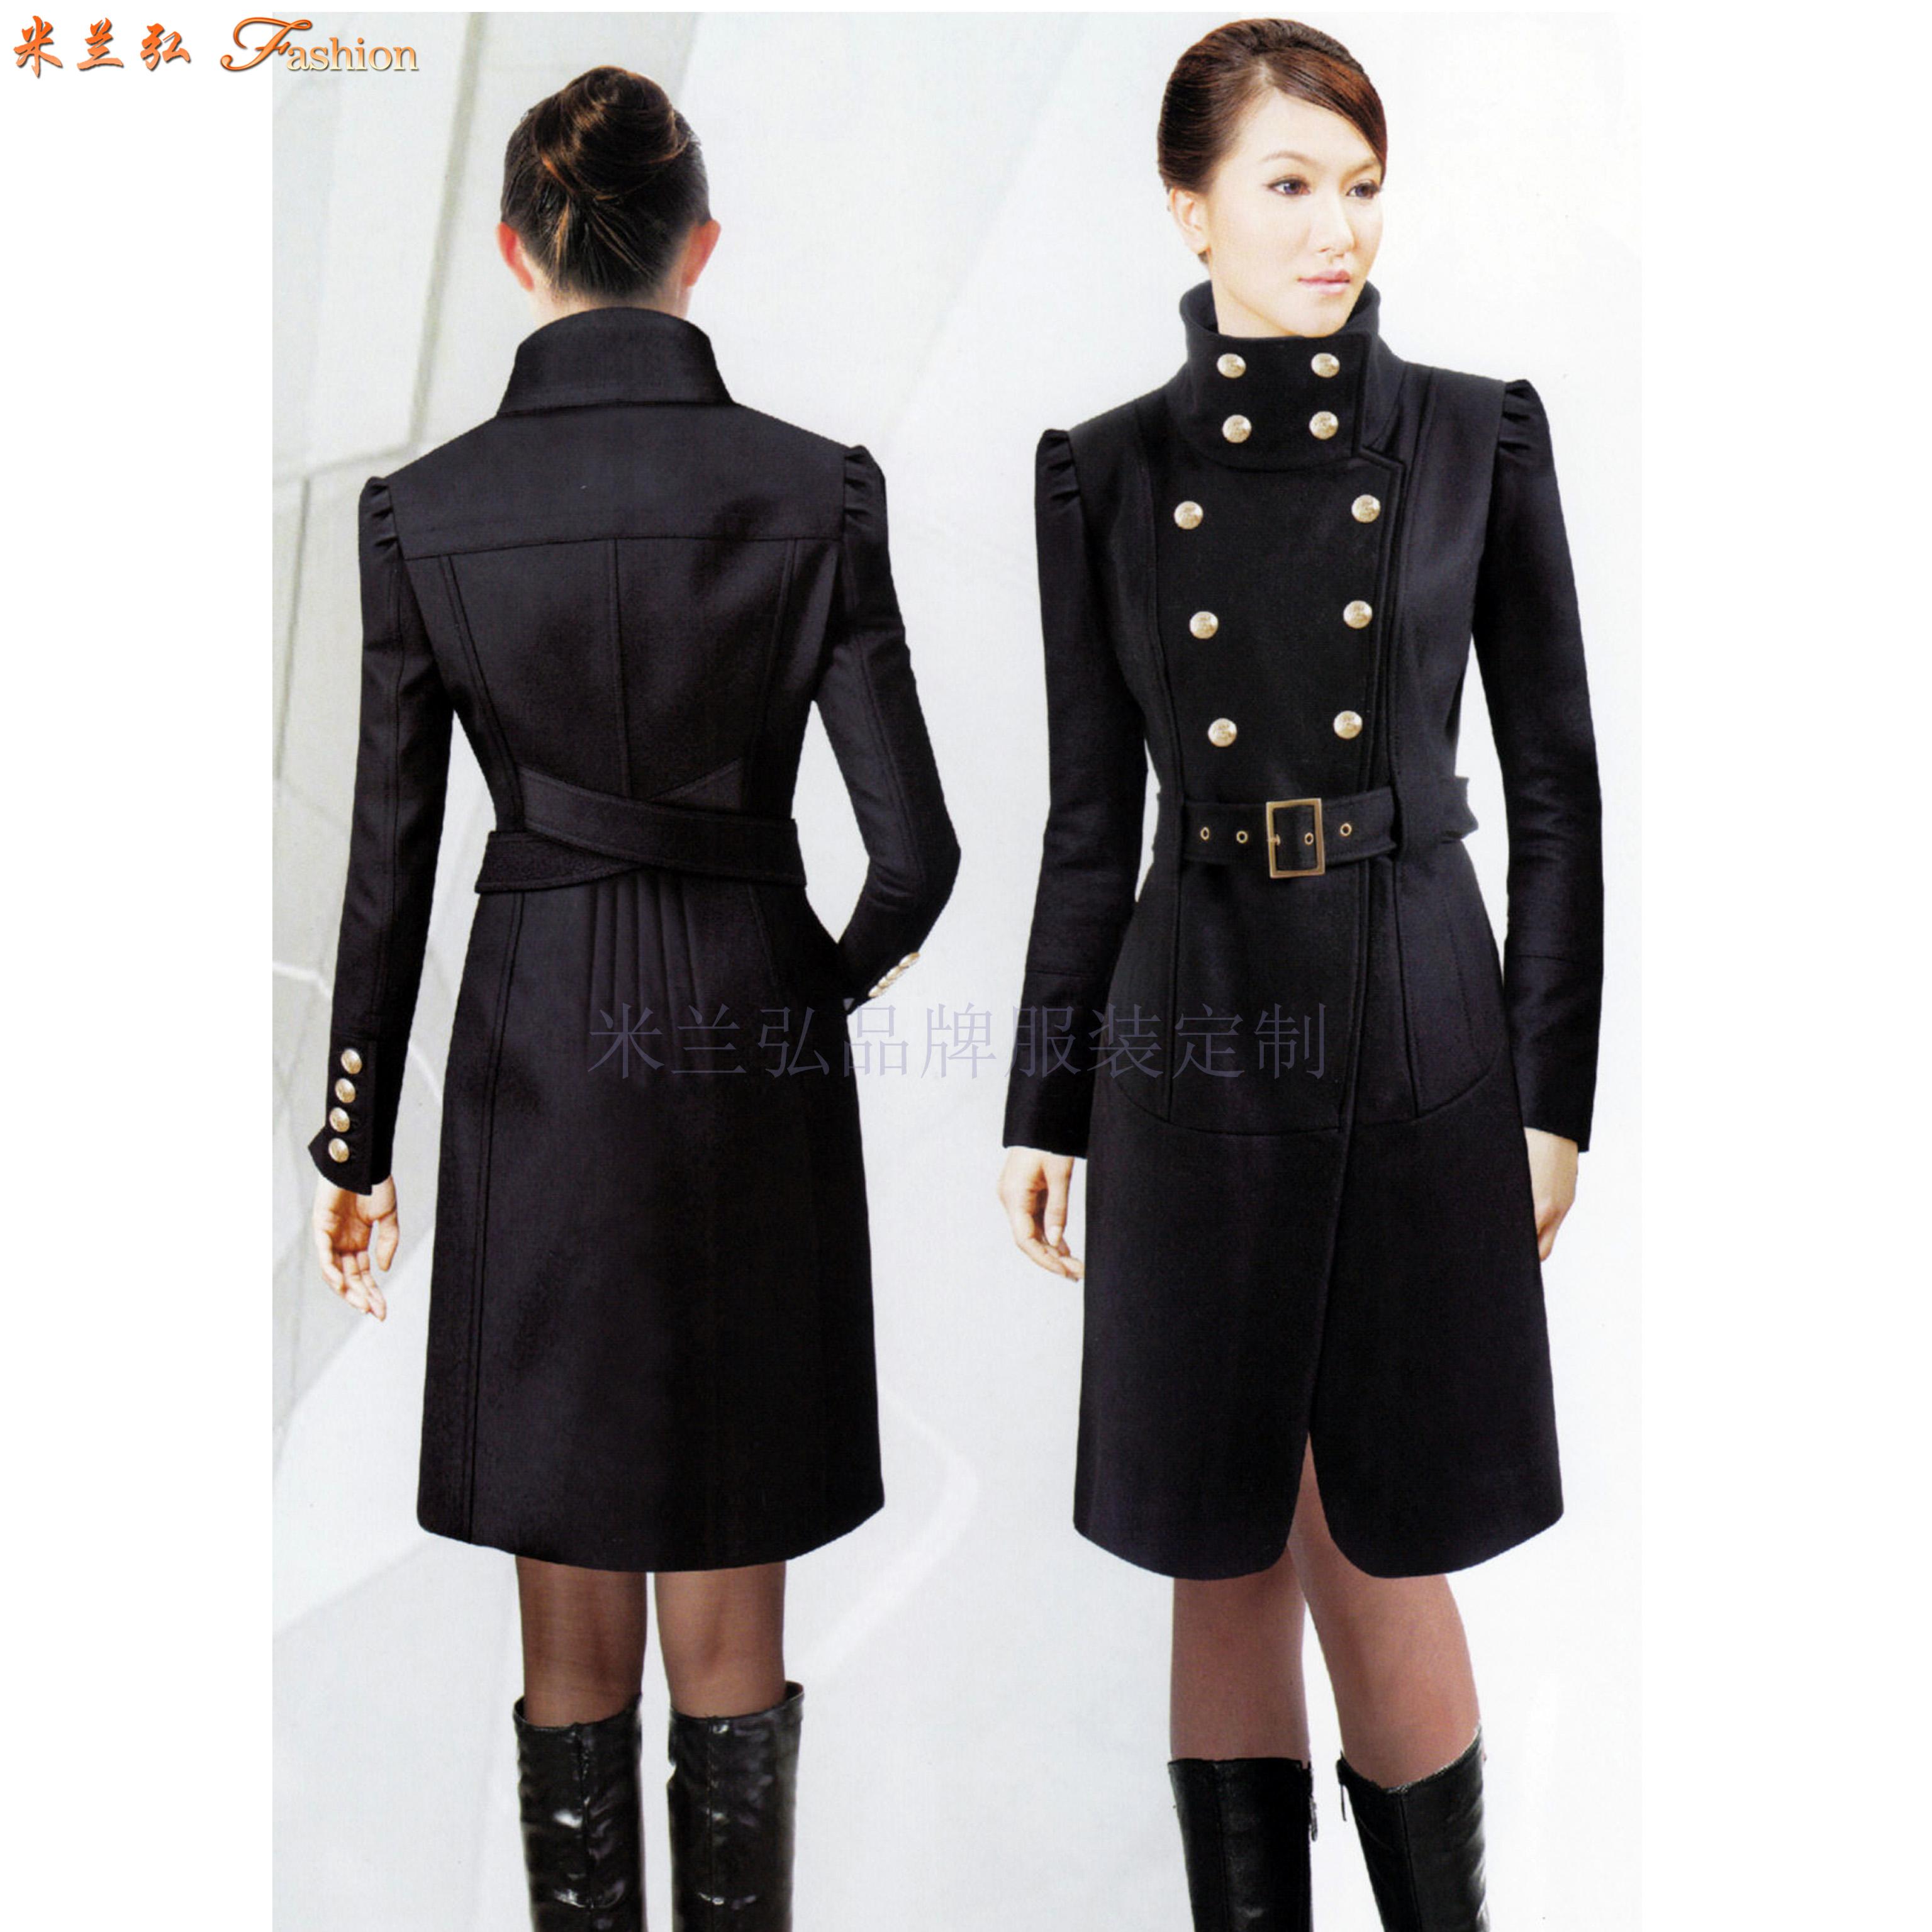 「濱州市大衣」濱州市貨真價實羊毛大衣定做廠家-米蘭弘服裝-2